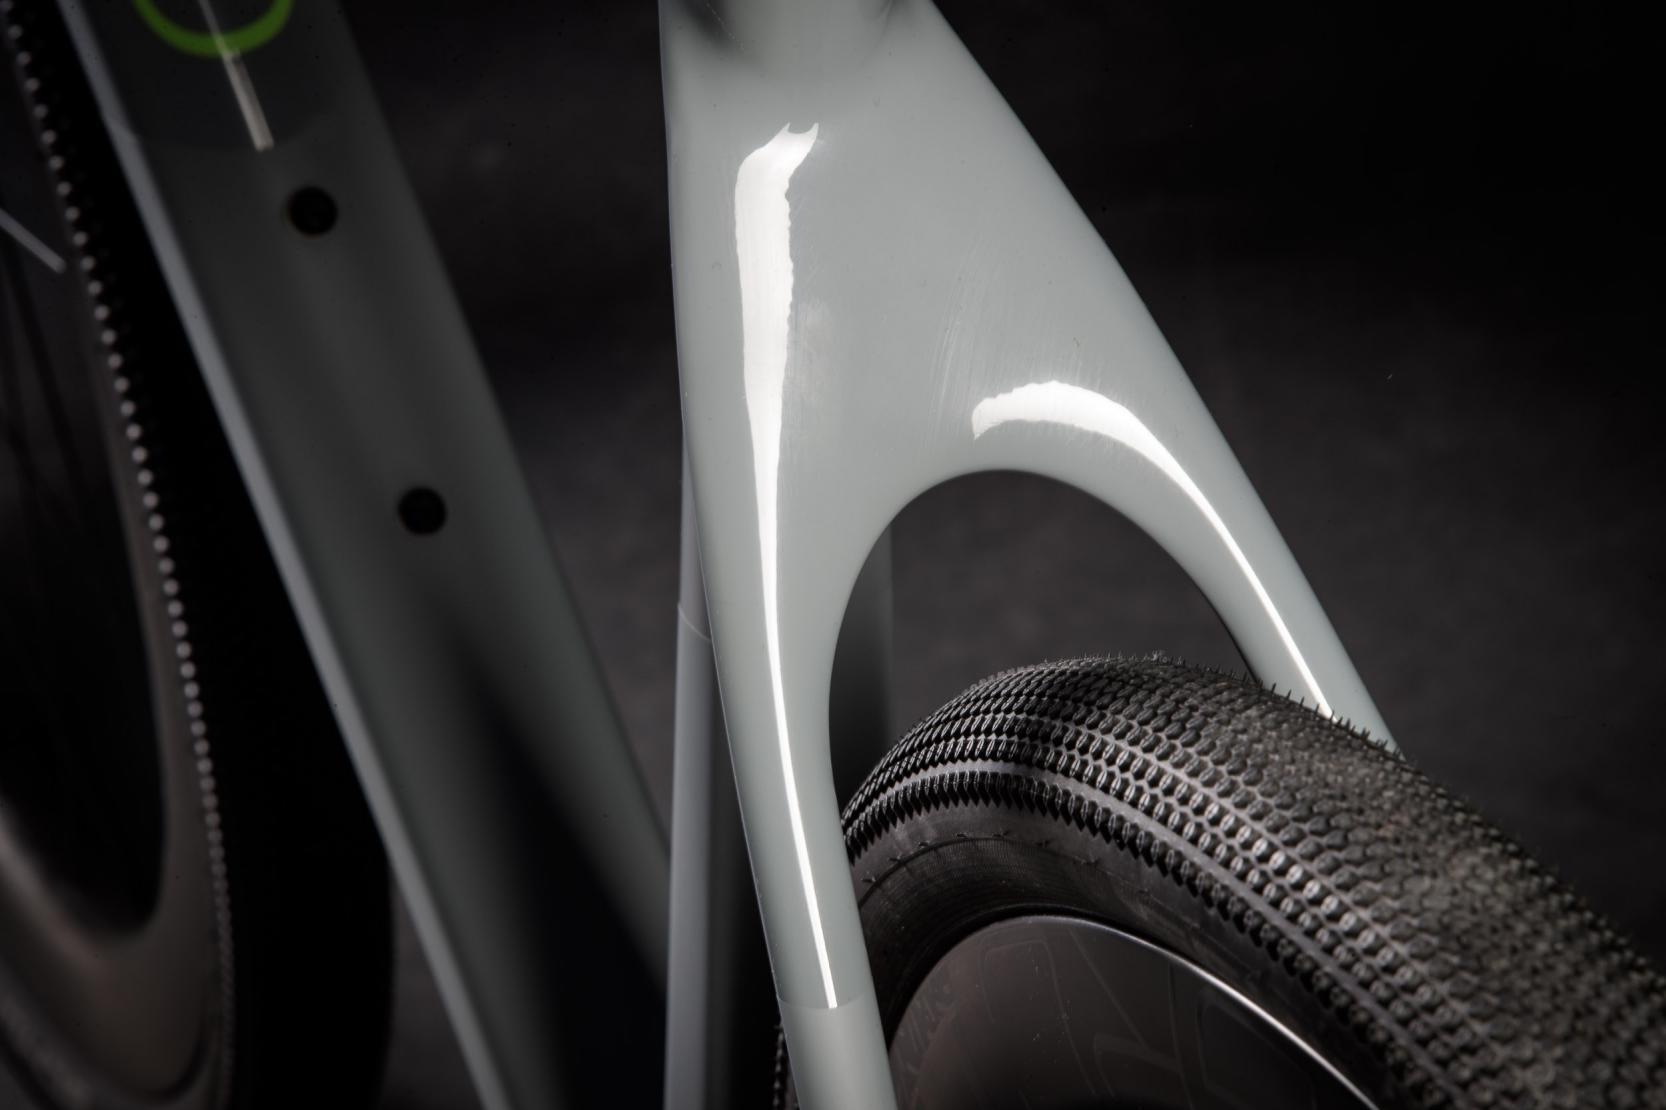 TIRE CLEARANCE: Dank desmassiven Monostays mit den zwei tief ansetzenden Kettenstreben und dem speziellen Design für 1-fach-Antriebe, kann der Rahmen Reifen bis maximal2.4? in 650B (bzw. 46 mm in 700C) aufnehmen.